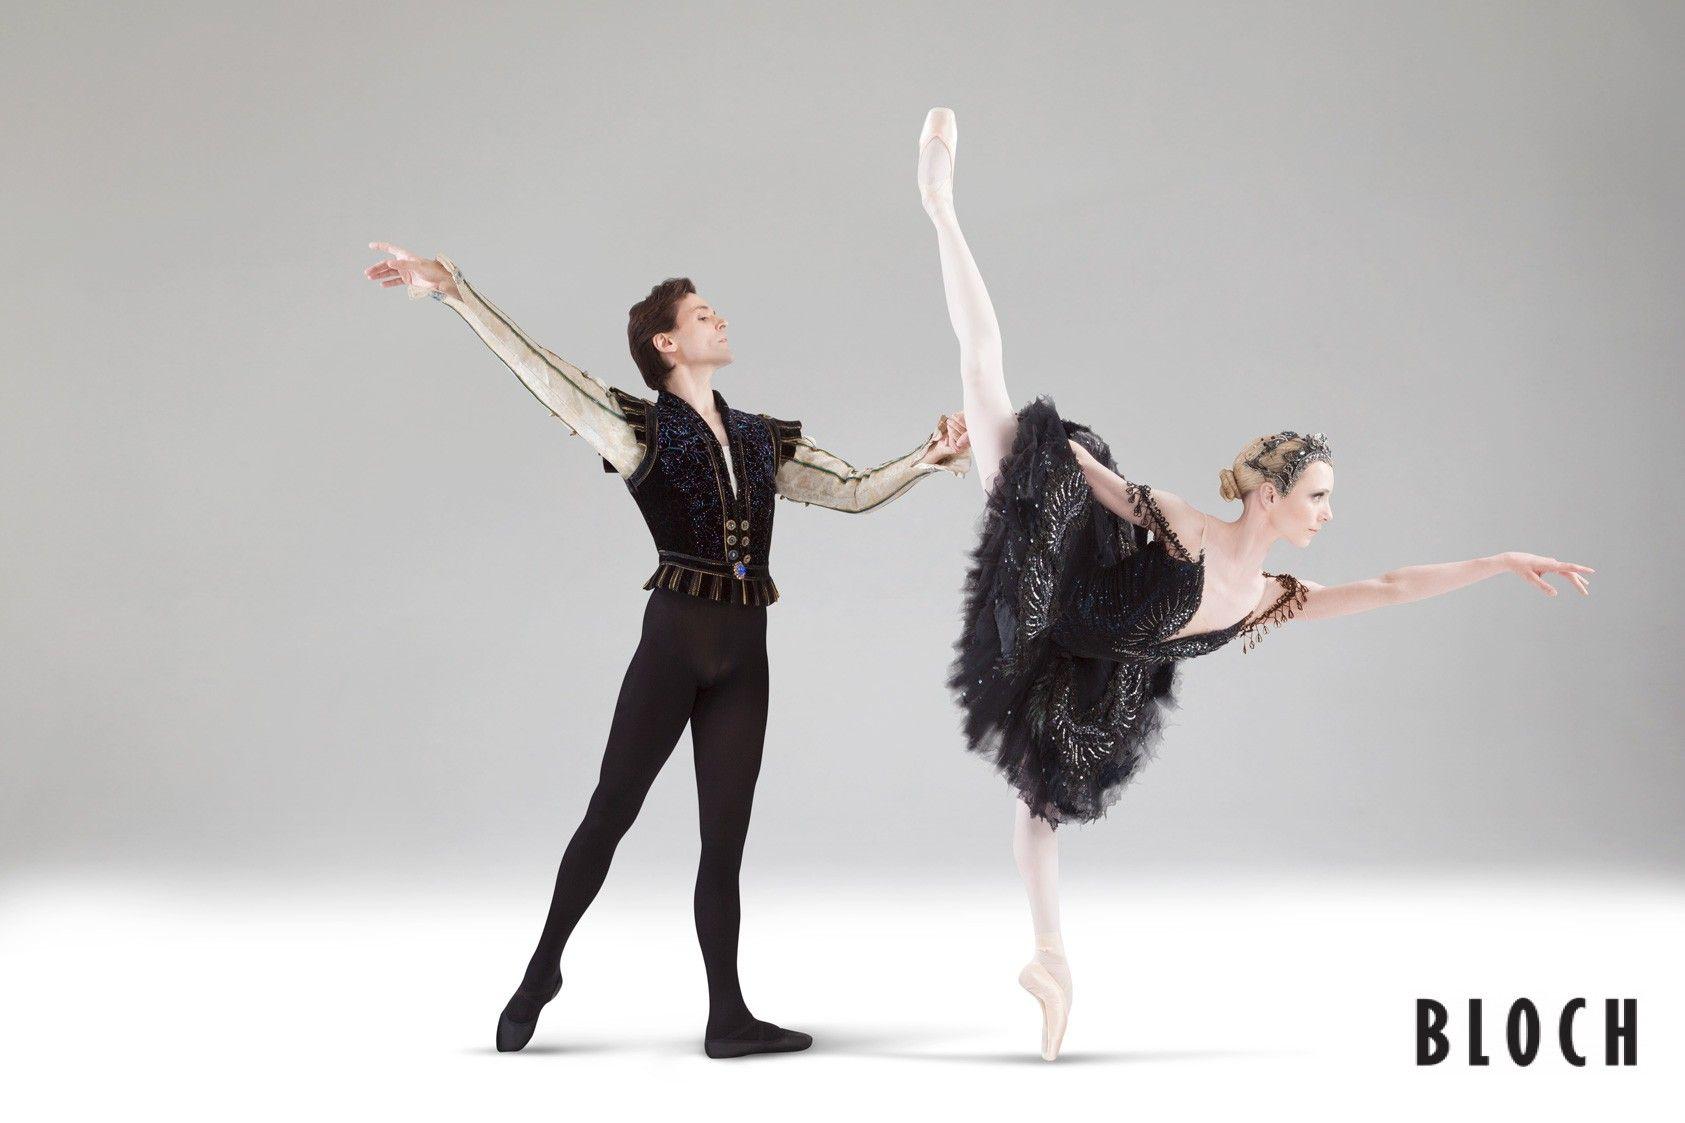 Angel B Dancer Bloch - Angel Corella ...